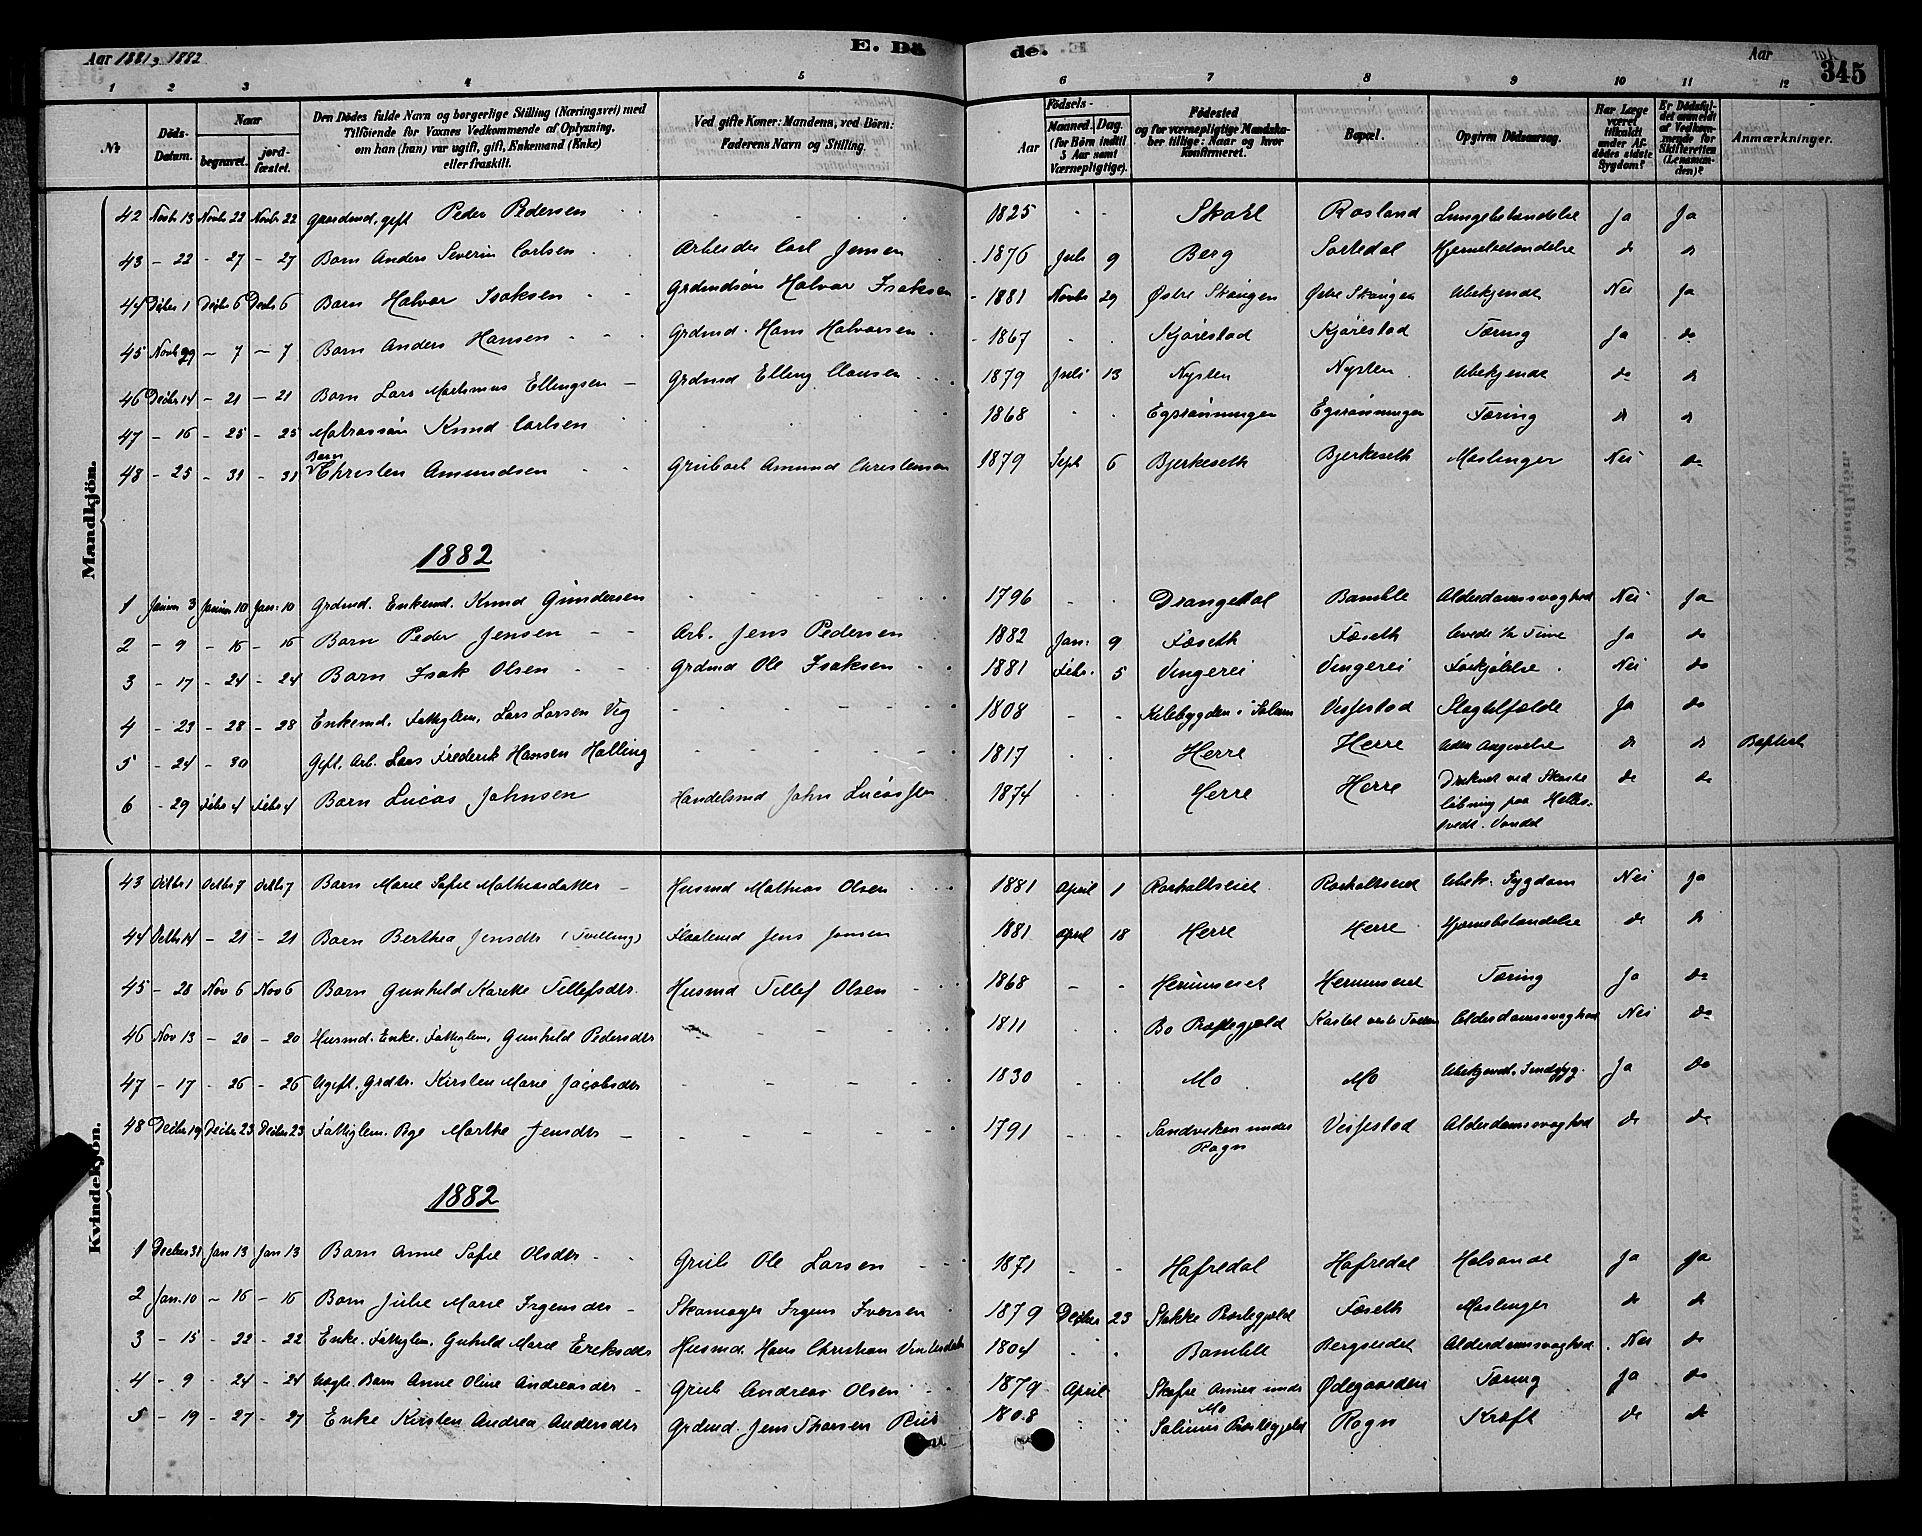 SAKO, Bamble kirkebøker, G/Ga/L0008: Klokkerbok nr. I 8, 1878-1888, s. 345